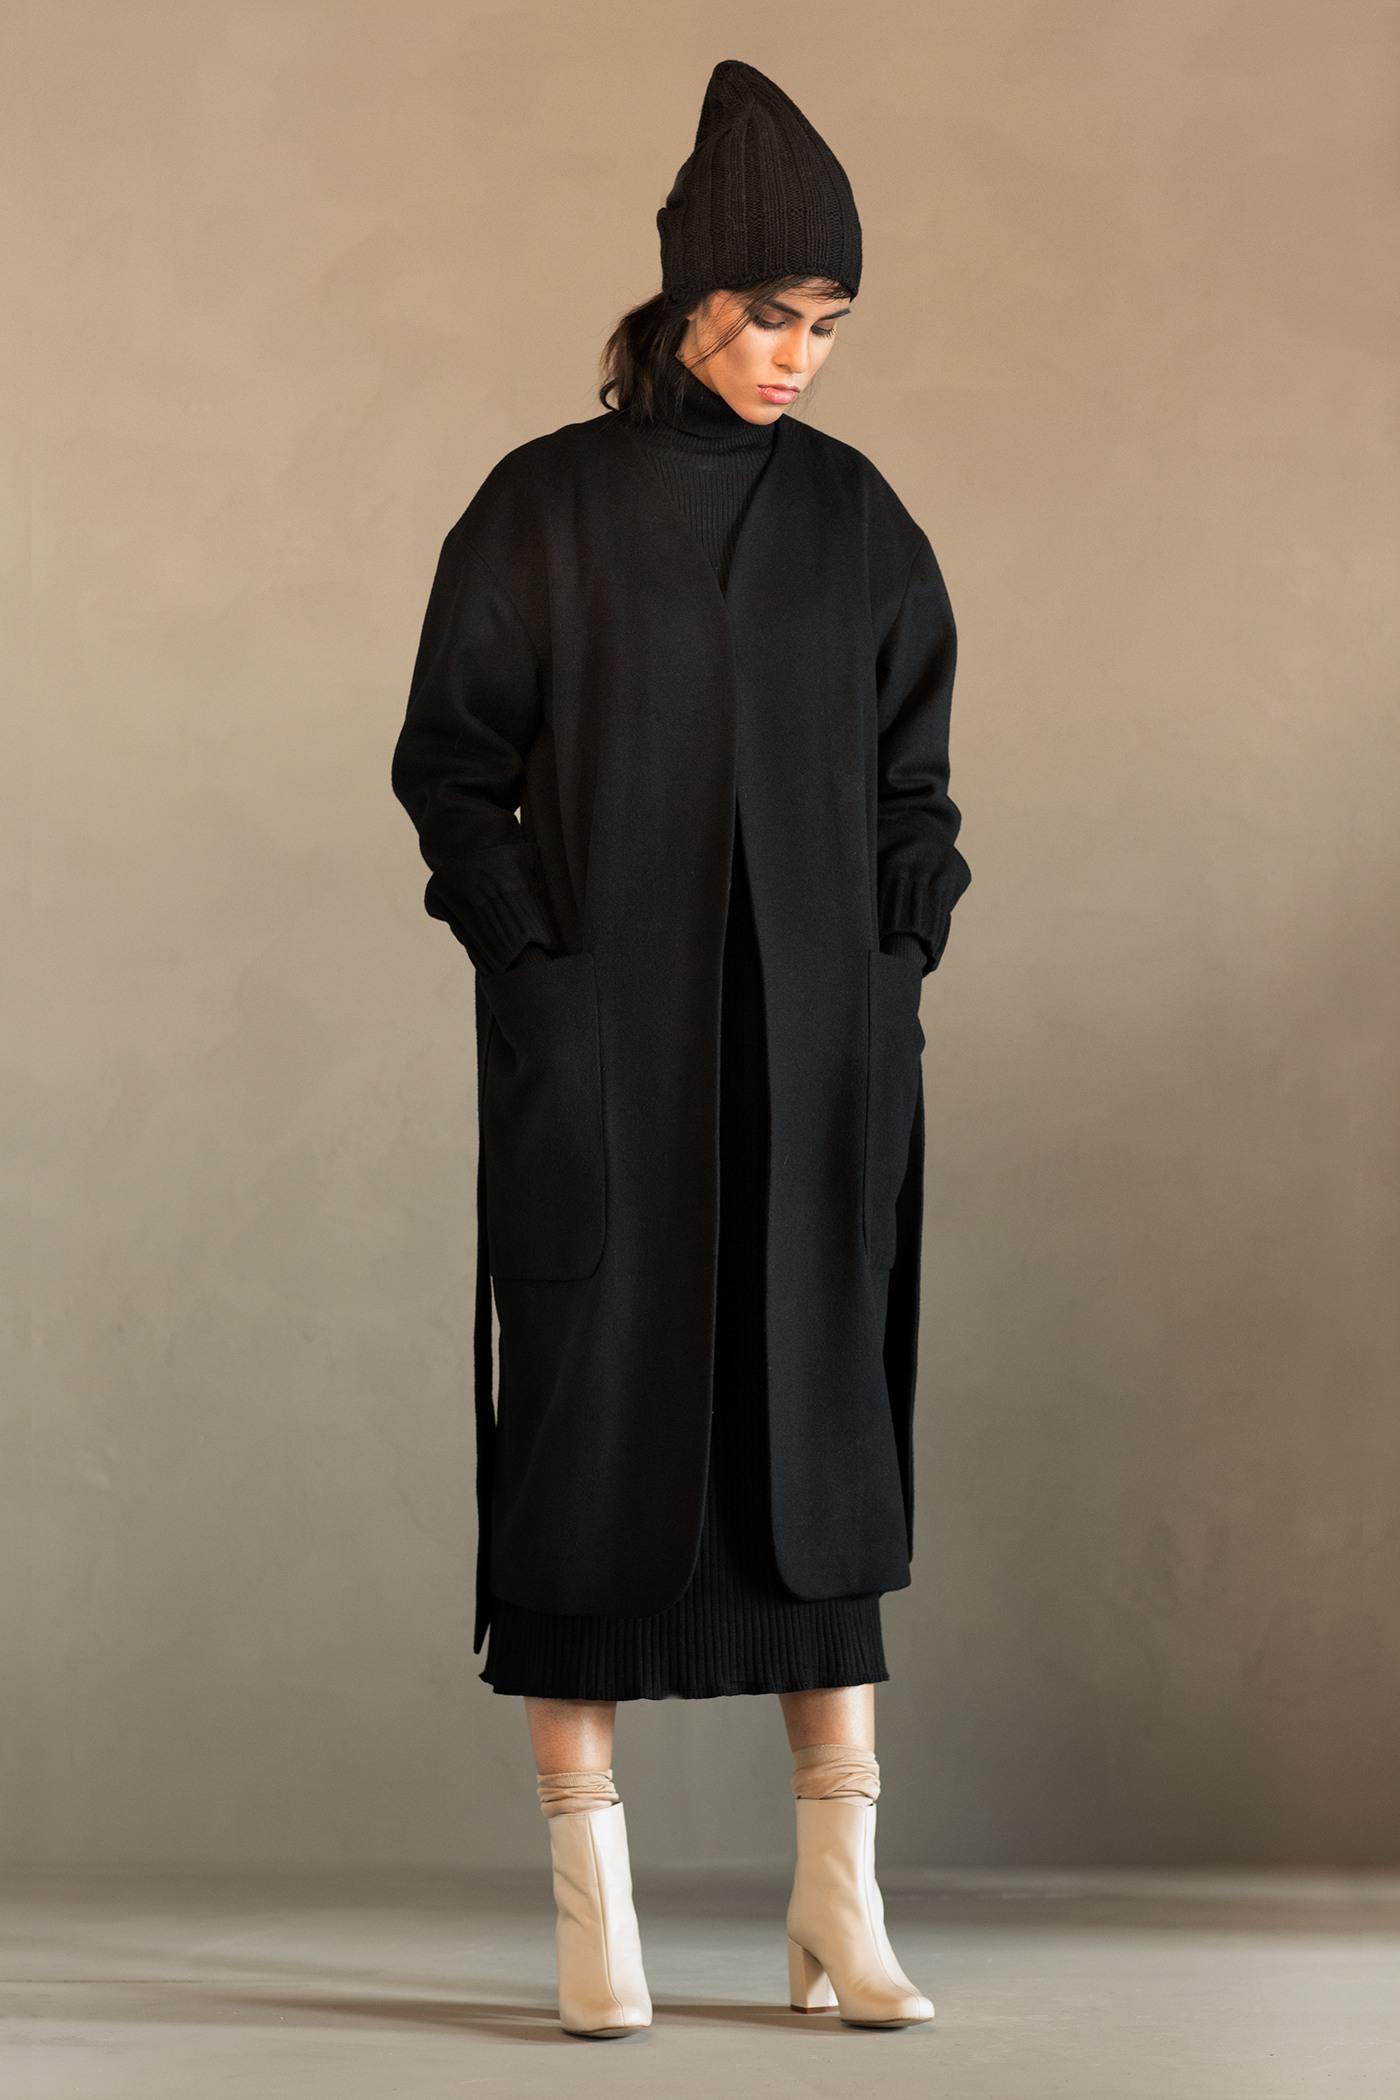 Пальто - ШАНХАЙ (13.0)Пальто<br>Уютное пальто средней длины&#13;<br>&#13;<br>Пальто-халат SHANGHAI (Шанхай) с фиксированным тканным поясом и спинкой на сборке. Спущенные рукава с ластовицей на резинке. Большие мягкие накладные карманы. Конструкция без подплечников. Данная модель не утепляется, является демисезонной. Рекомендуемый тепловой режим: от +15 до -8 градусов. Подходит для всех типов фигур: А, Т, О-образных.&#13;<br>&#13;<br>&#13;<br>&#13;<br>внутренний карман для телефона&#13;<br>&#13;<br>&#13;<br>&#13;<br>модель имеет три ростовки, длина изделия по спинке: 104 см (при росте 158-164), 108 см (при росте 164-170), 112 см (при росте 170-176)&#13;<br>&#13;<br>&#13;<br>&#13;<br>размер и другие нюансы уточняются при заказе, мы с вами связываемся по указанному вами номеру телефона&#13;<br>&#13;<br>&#13;<br>&#13;<br>Если у вас остались вопросы, пишите нам на электронную почту ASYAMALBERSHTEIN@GMAIL.COM или звоните по номеру +7 (812) 649-17-99, мы постараемся ответить на ваши вопросы и помочь определиться вам с выбором или размерной сеткой наших изделий.<br><br>Цвет: Черный, Синий, Красный<br>Размер: L, XS, S, M<br>Ростовка: 152 - 158, 158 -164, 164 -170